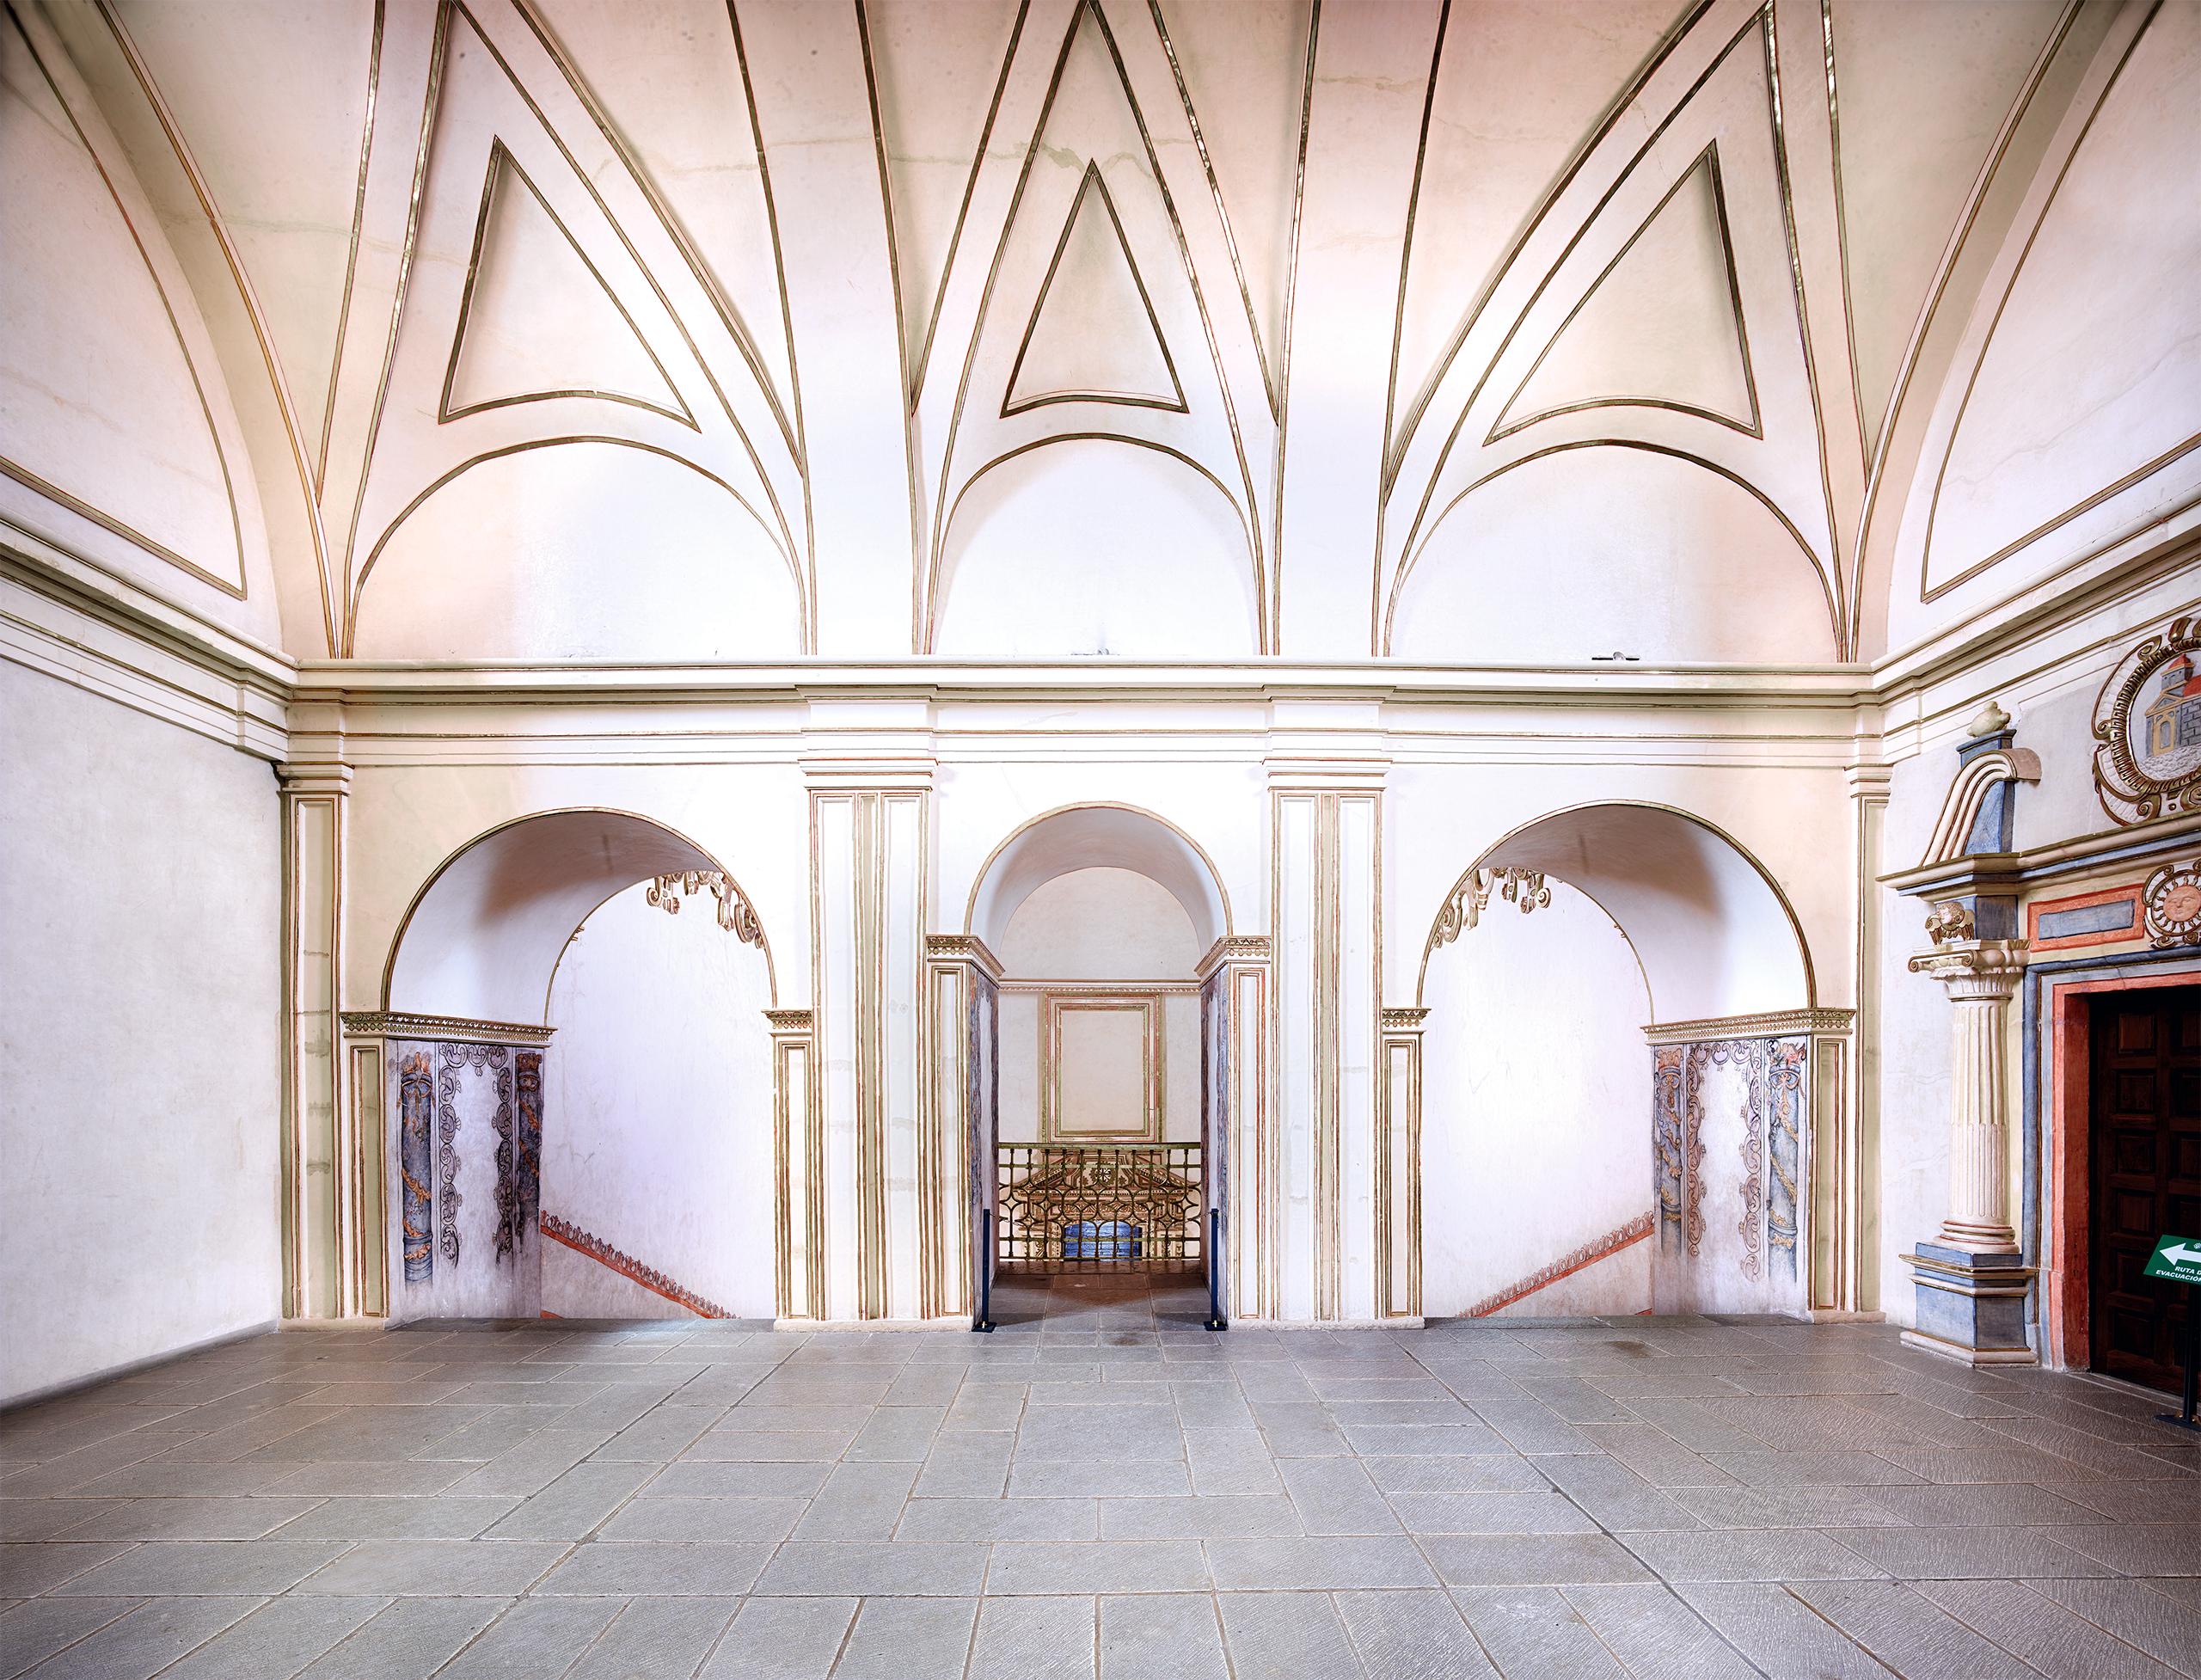 Convento de Santo Domingo Oaxaca I 2015    Candida Höfer en México   Museo Amparo, Puebla